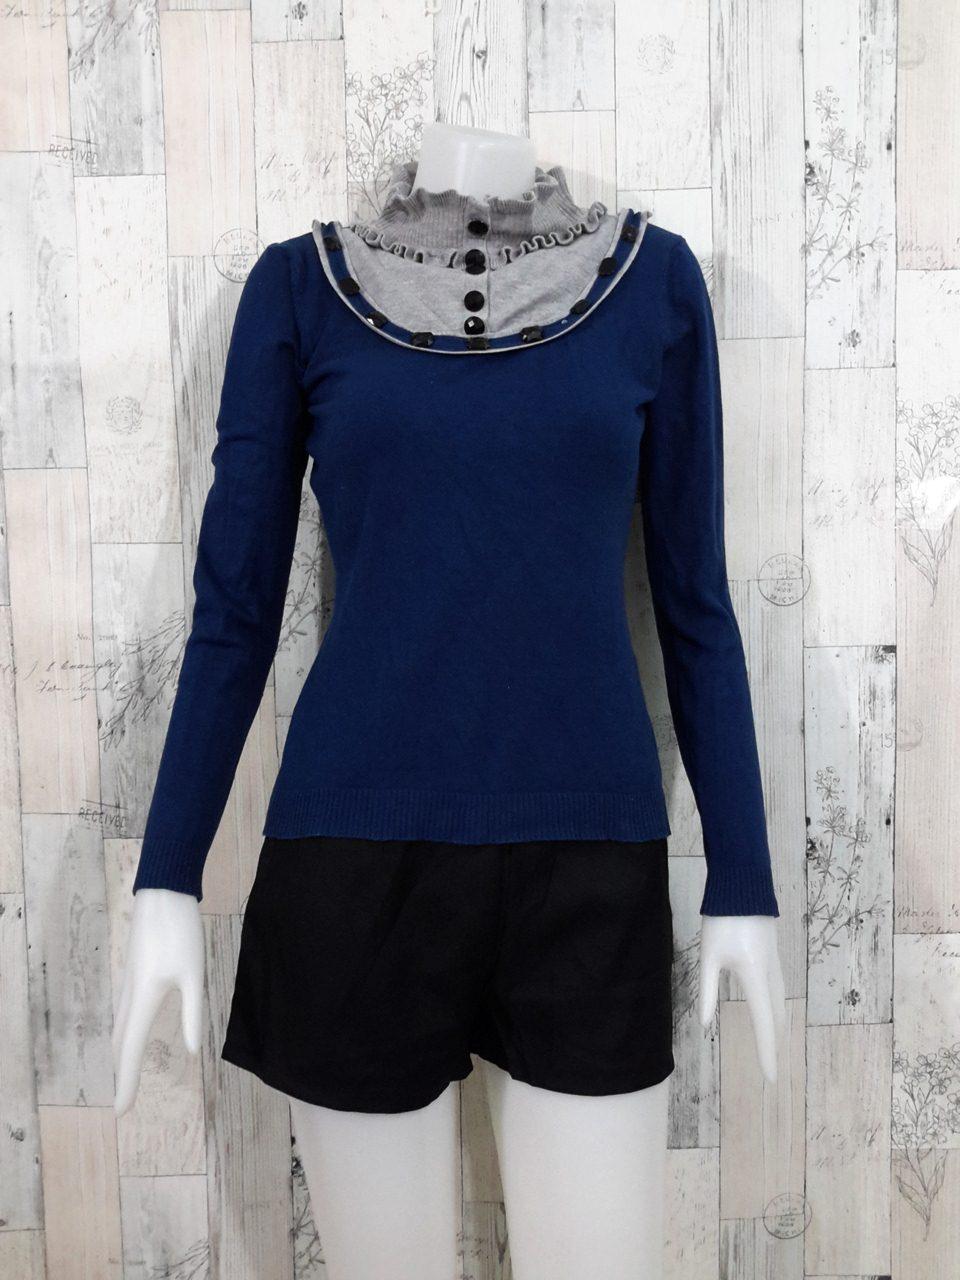 **สินค้าหมด Blouse3522 2nd hand clothes เสื้อไหมพรมเนื้อแน่น(เนื้อหนาปานกลาง) แขนยาว สีพื้นกรม แต่งคอระบายสีเทา